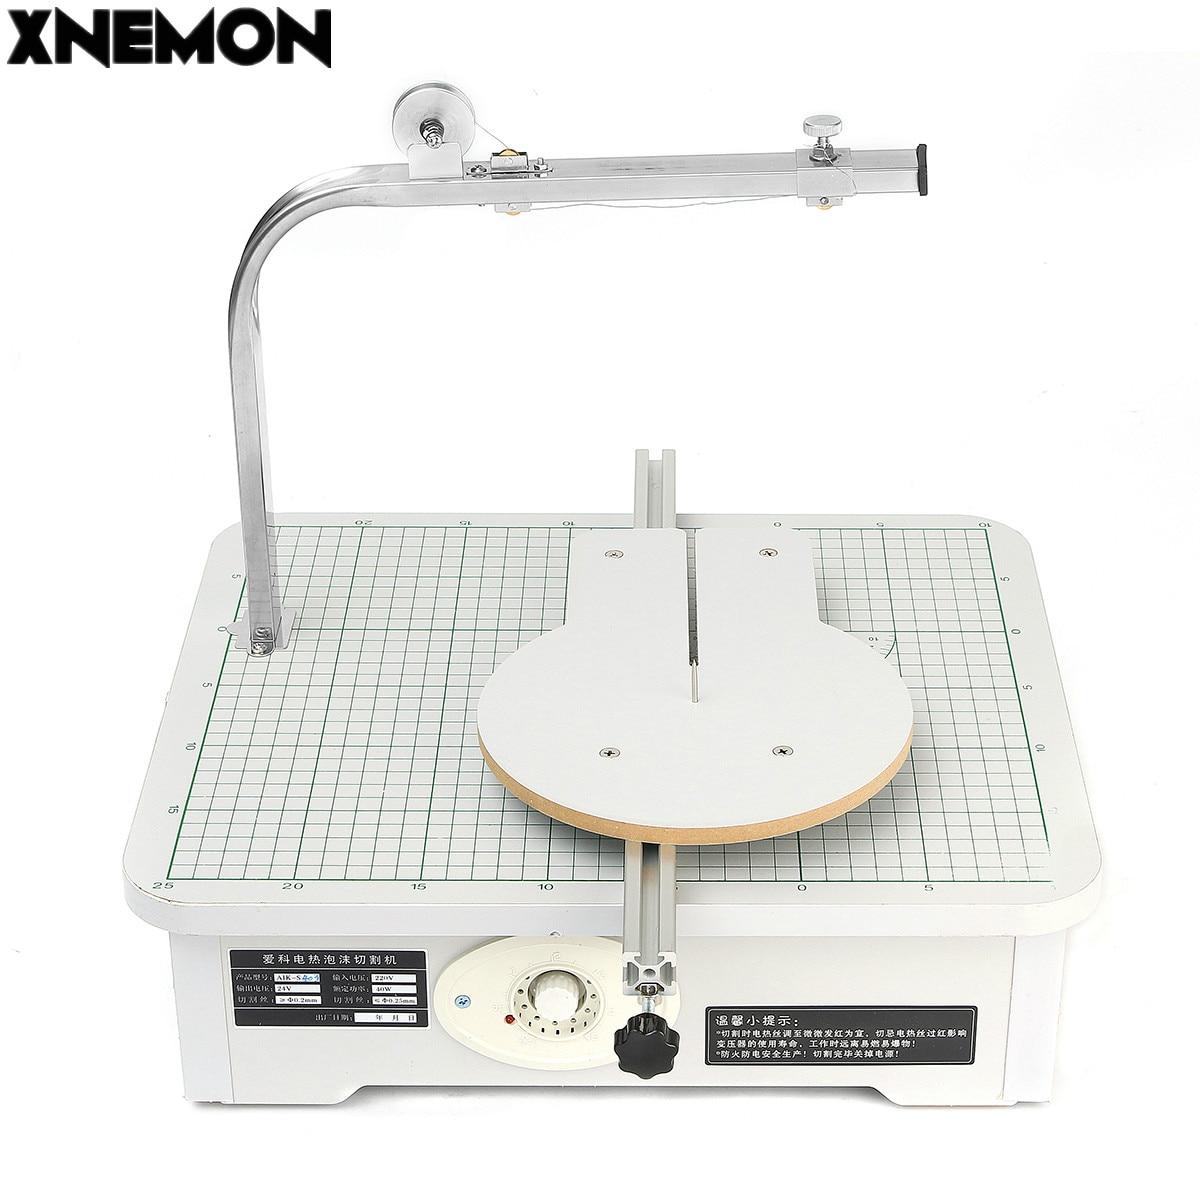 Mousse de cire de panneau de XNEMON 220 V, éponge, coton de perle, découpeuse S403 outil de Table de support de travail coupe de styromousse mousse KT